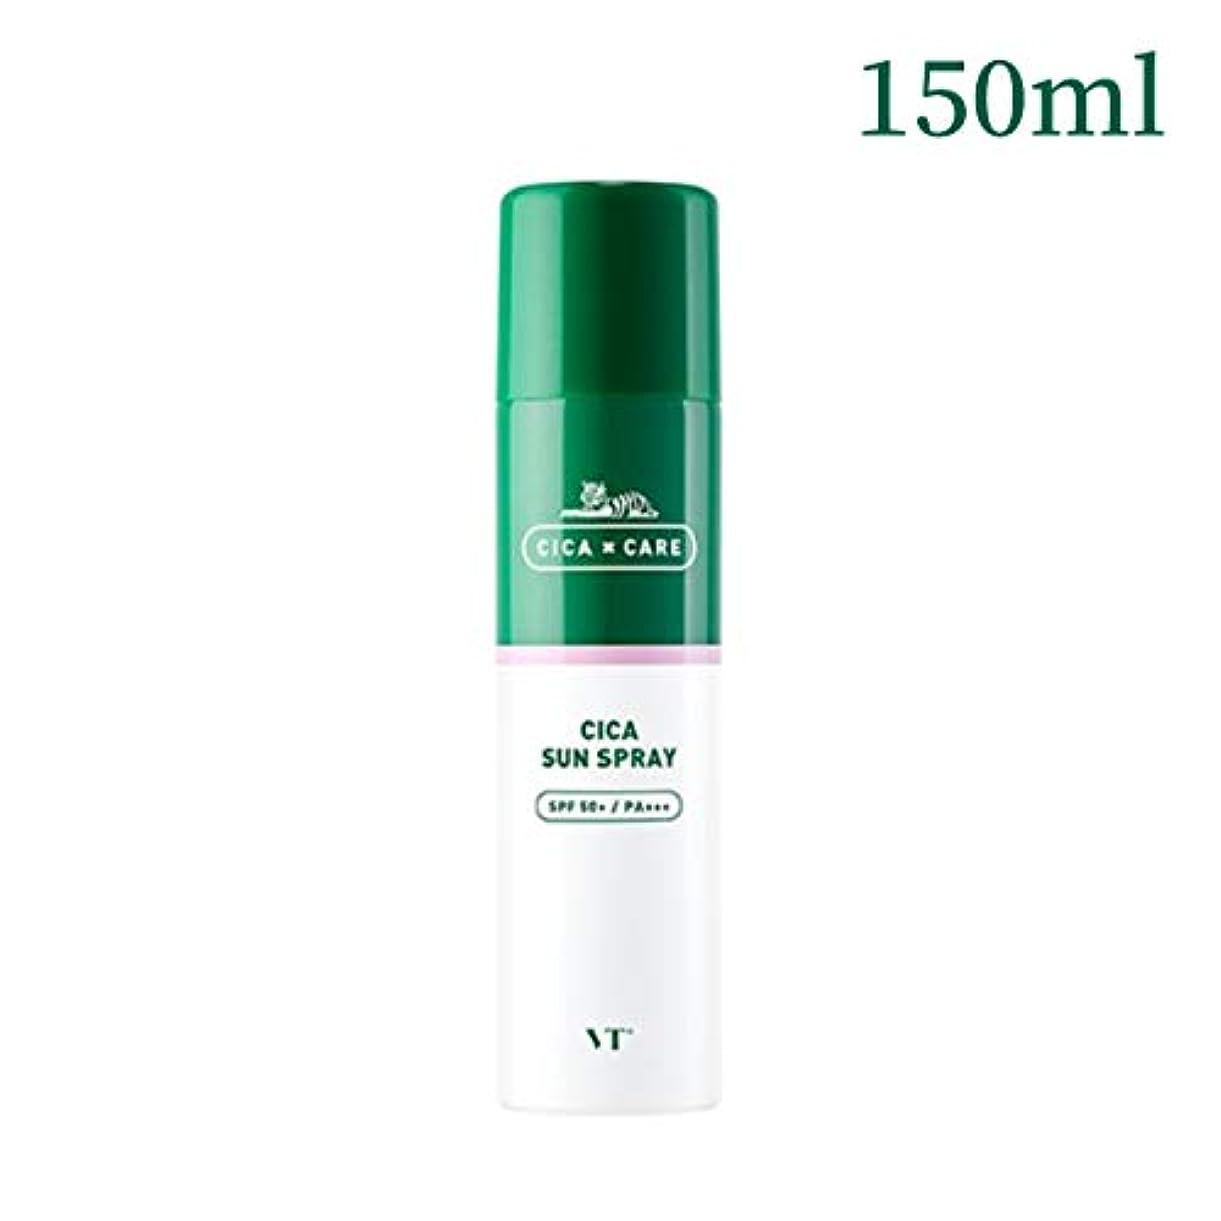 評価不忠証明するVT Cosmetis CICAサンスプレー 150ml